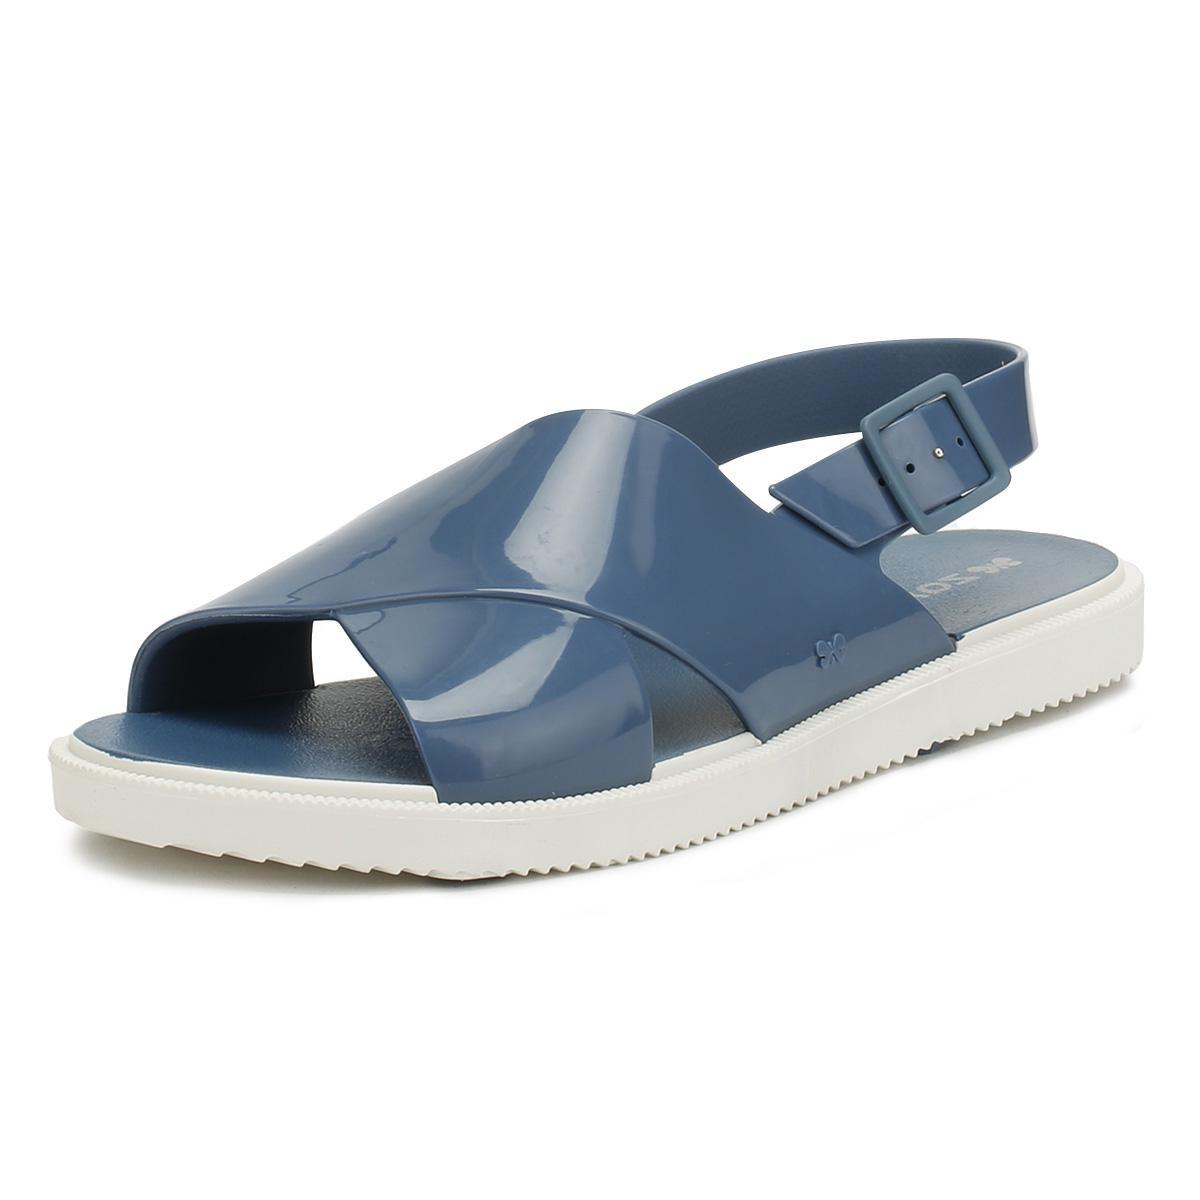 Match Zaxy Blue Sandals Blue Womens Match Match Sandals Zaxy Womens Blue Sandals Womens AwUfFq0f7